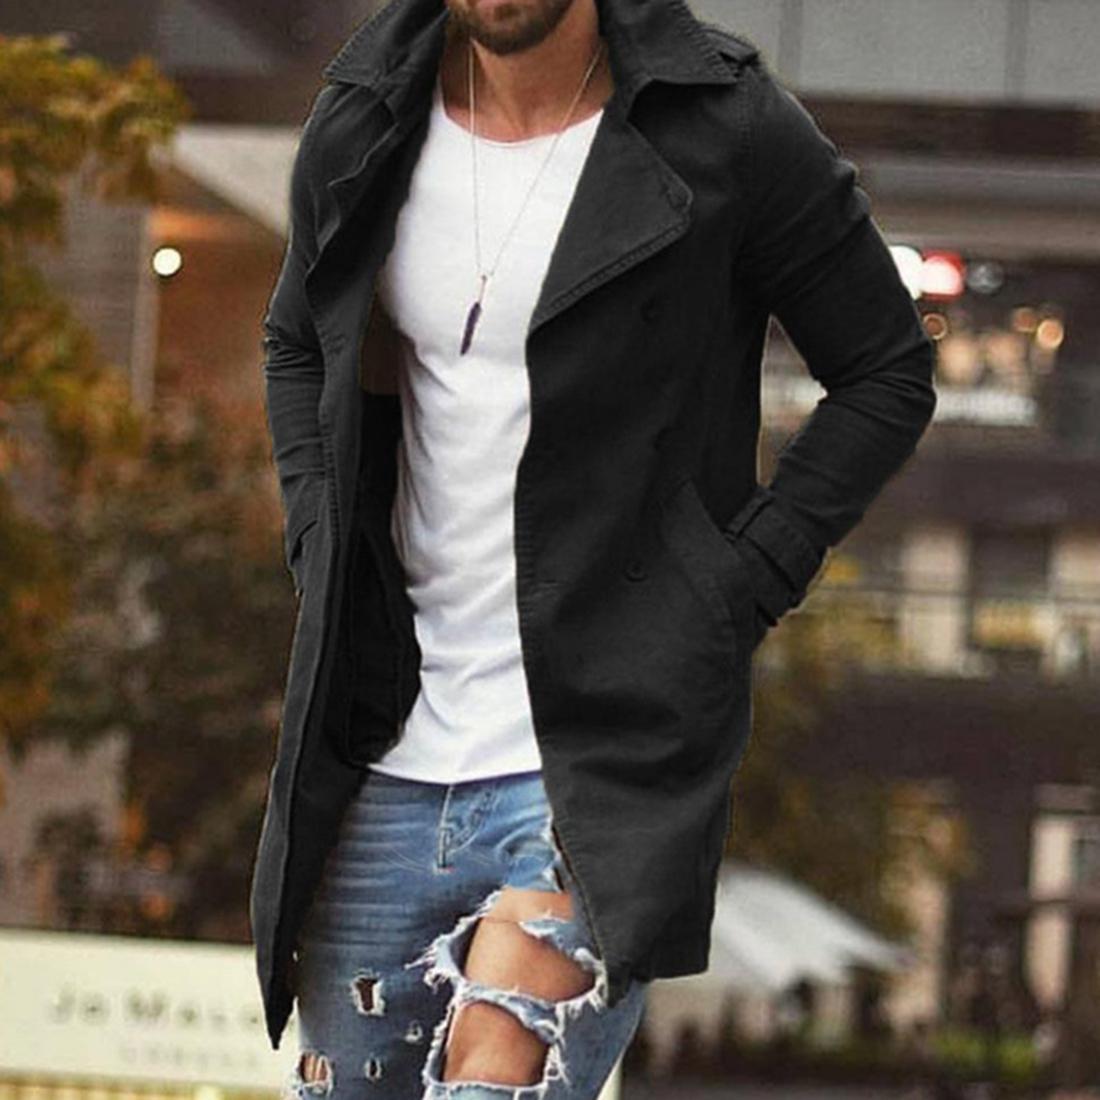 İlkbahar Sonbahar Erkekler Trençkot Ceket Slim Fit Plus Size Erkekler C1118 için Siyah Dış Giyim İş Uzun Windproof Palto Ceket